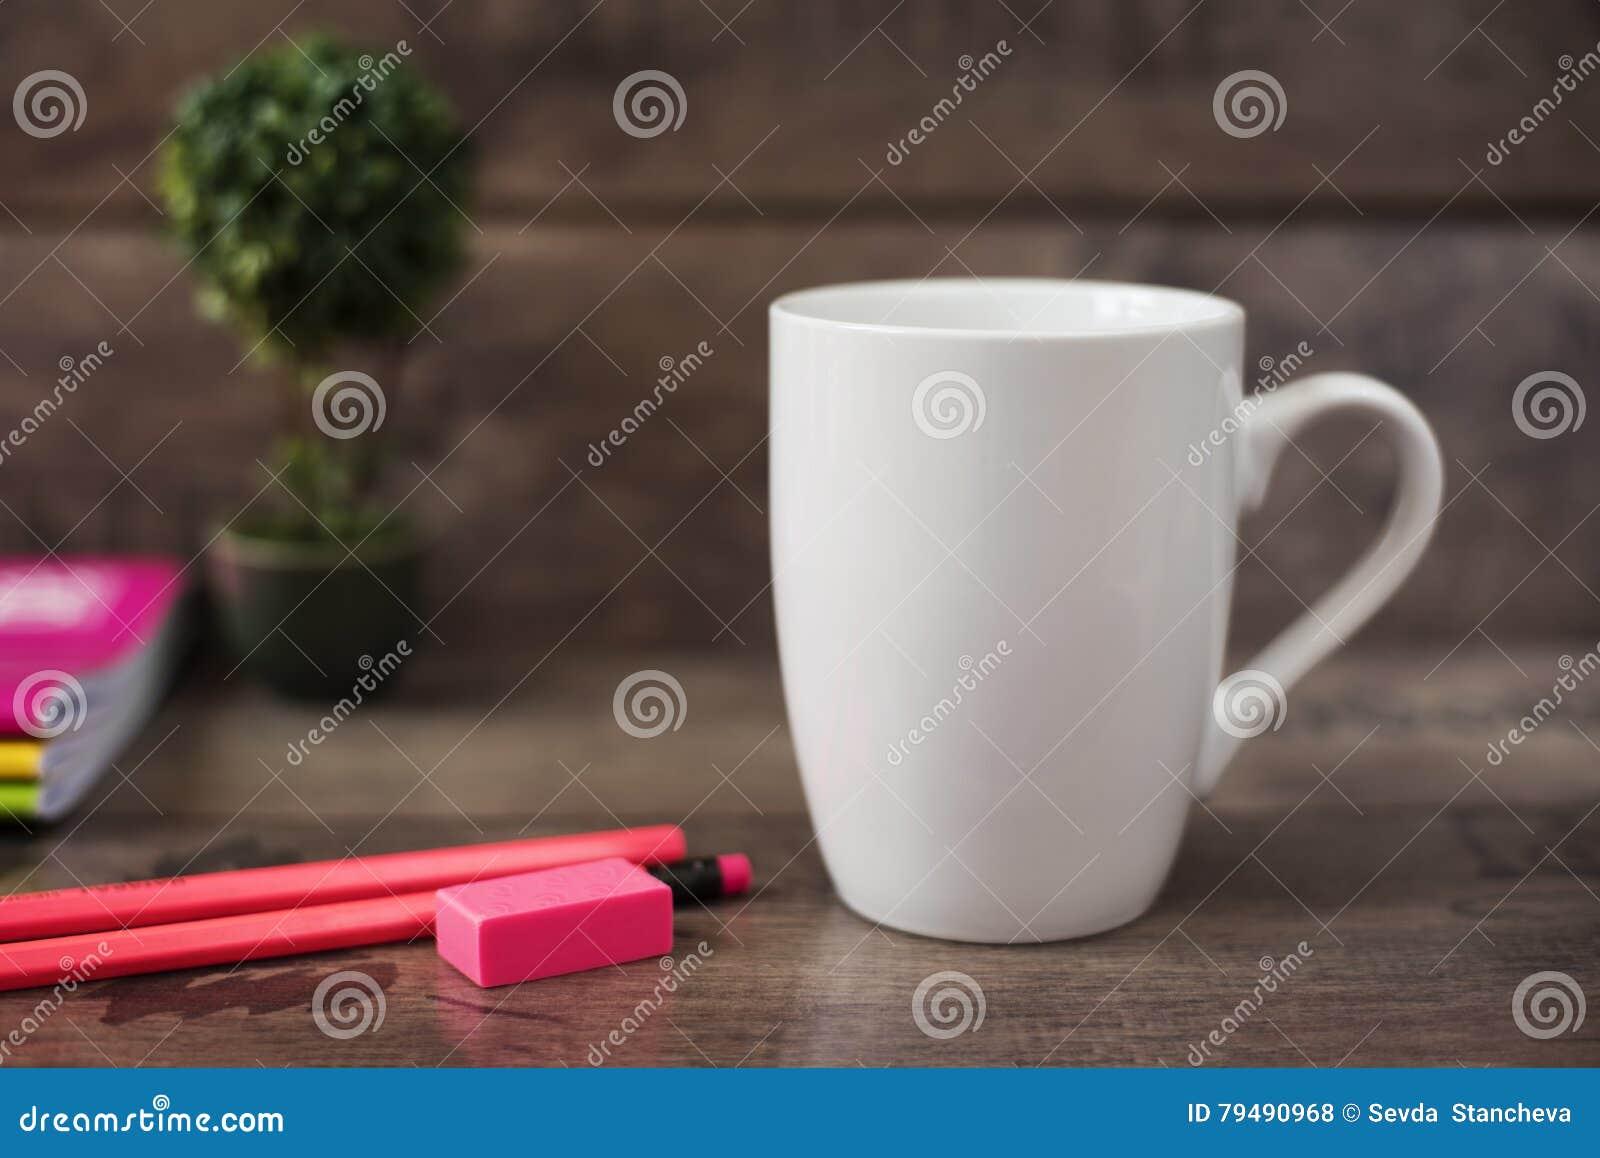 白色杯子大模型 空白杯子 与明亮的氖的咖啡杯大模型上色铅笔和笔记本 后边盆的植物盆景